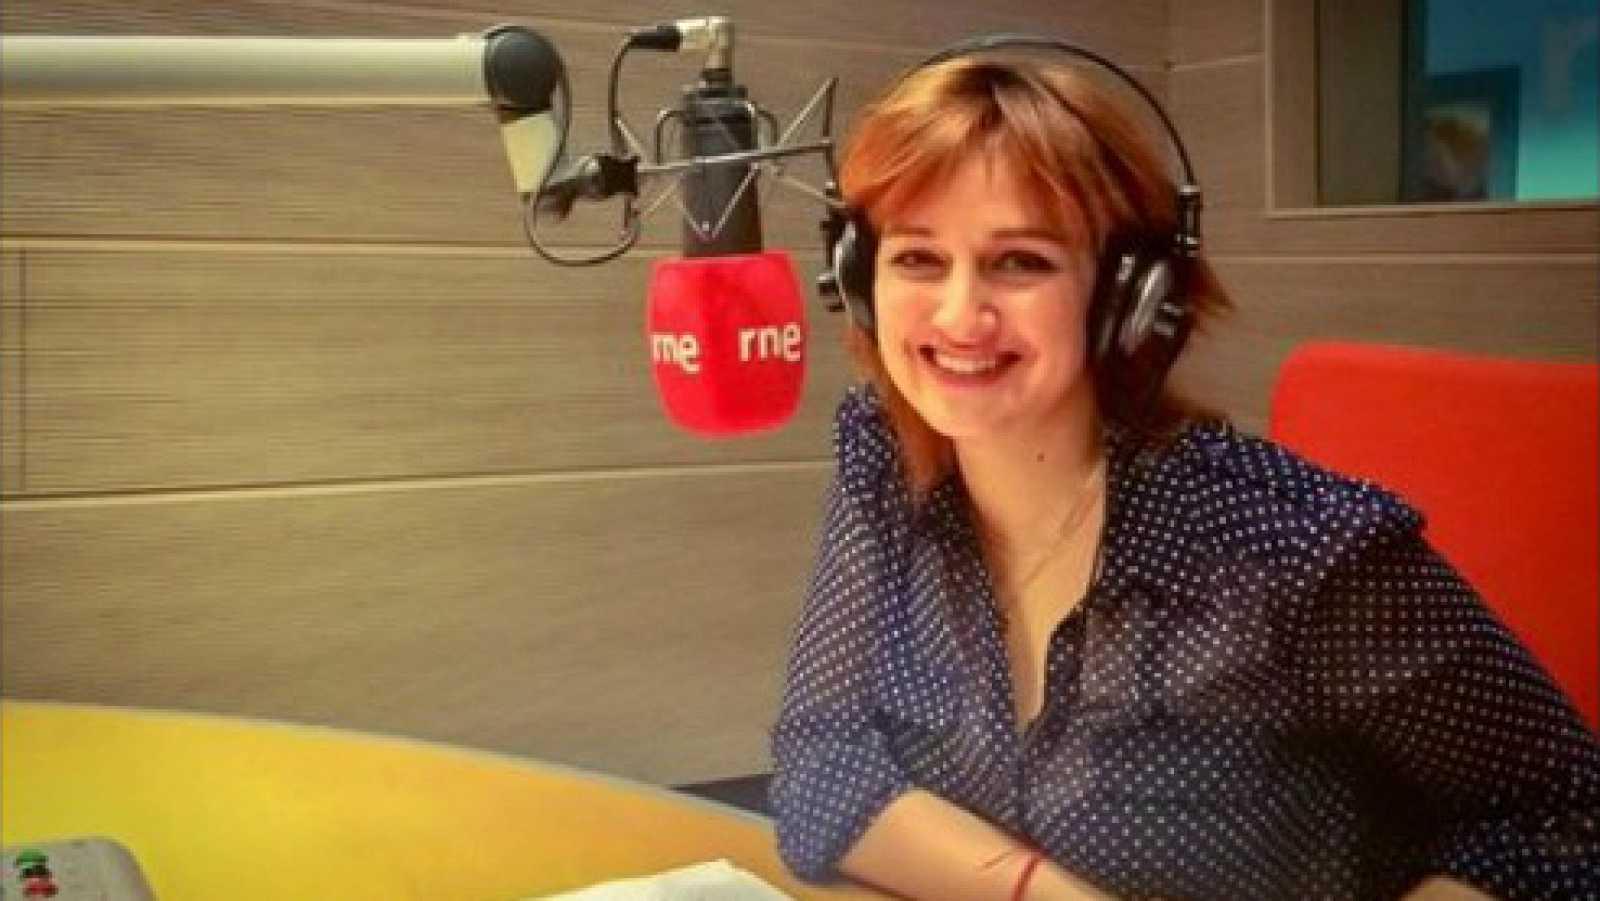 La sala - Teatrellas: Abrimos la octava temporada con Patricia Estremera - 04/09/19 - Escuchar ahora